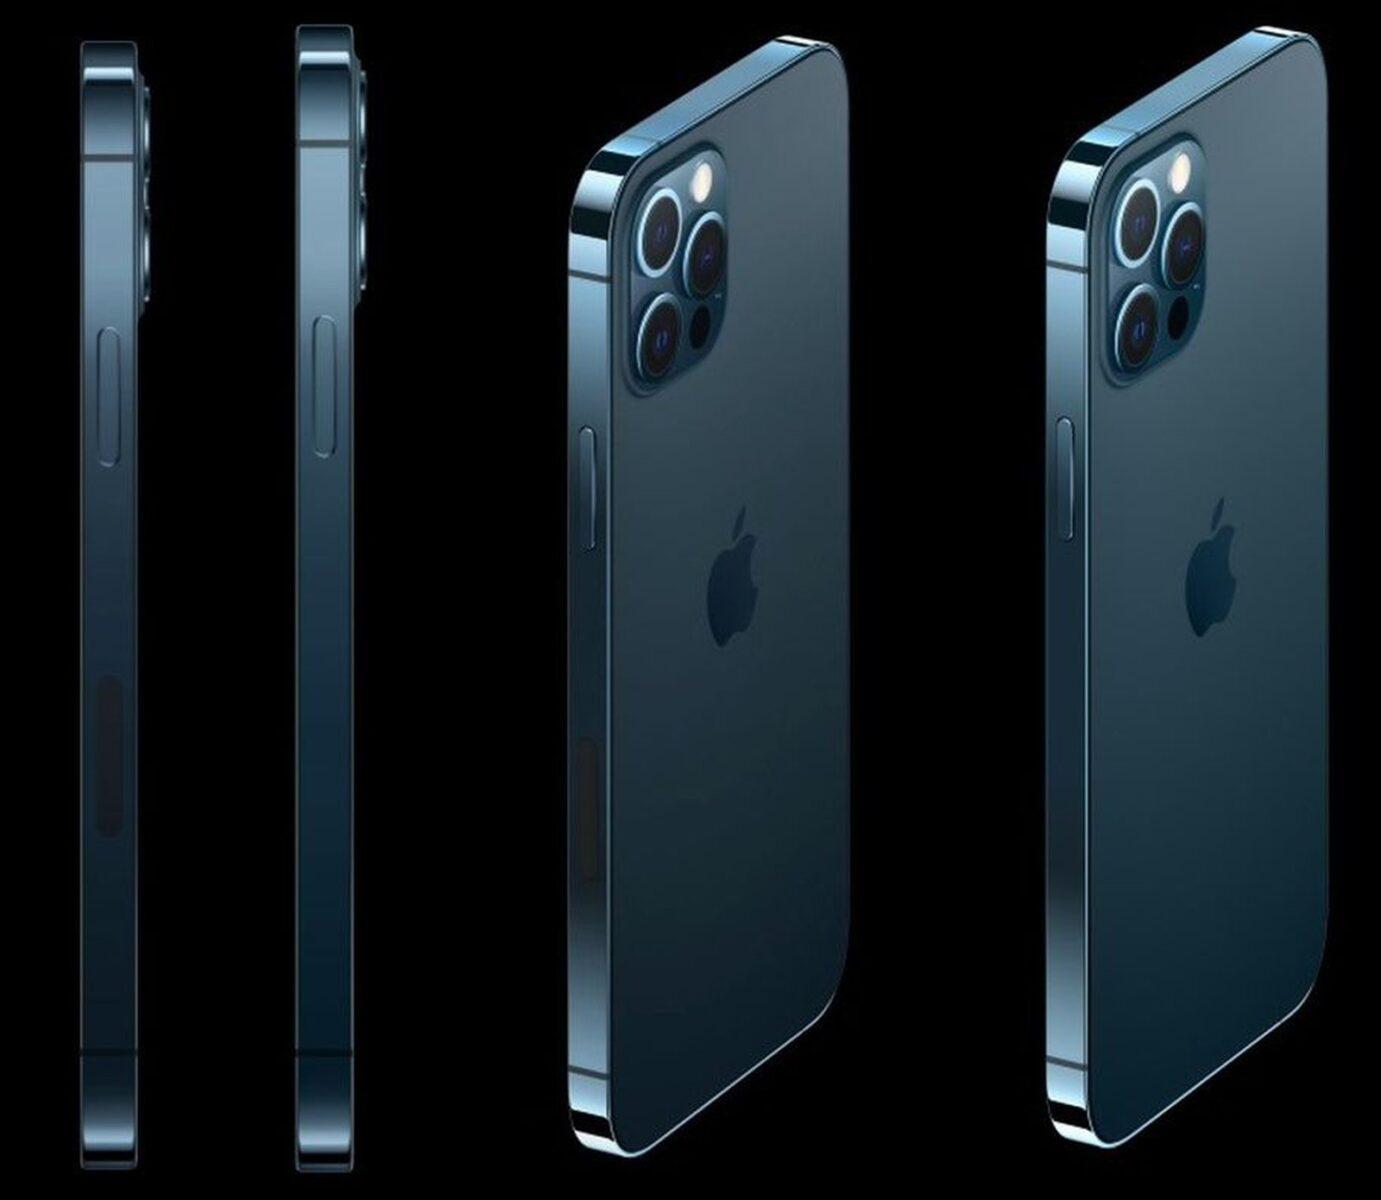 Gli iPhone 12 USA sono diversi da tutti gli altri